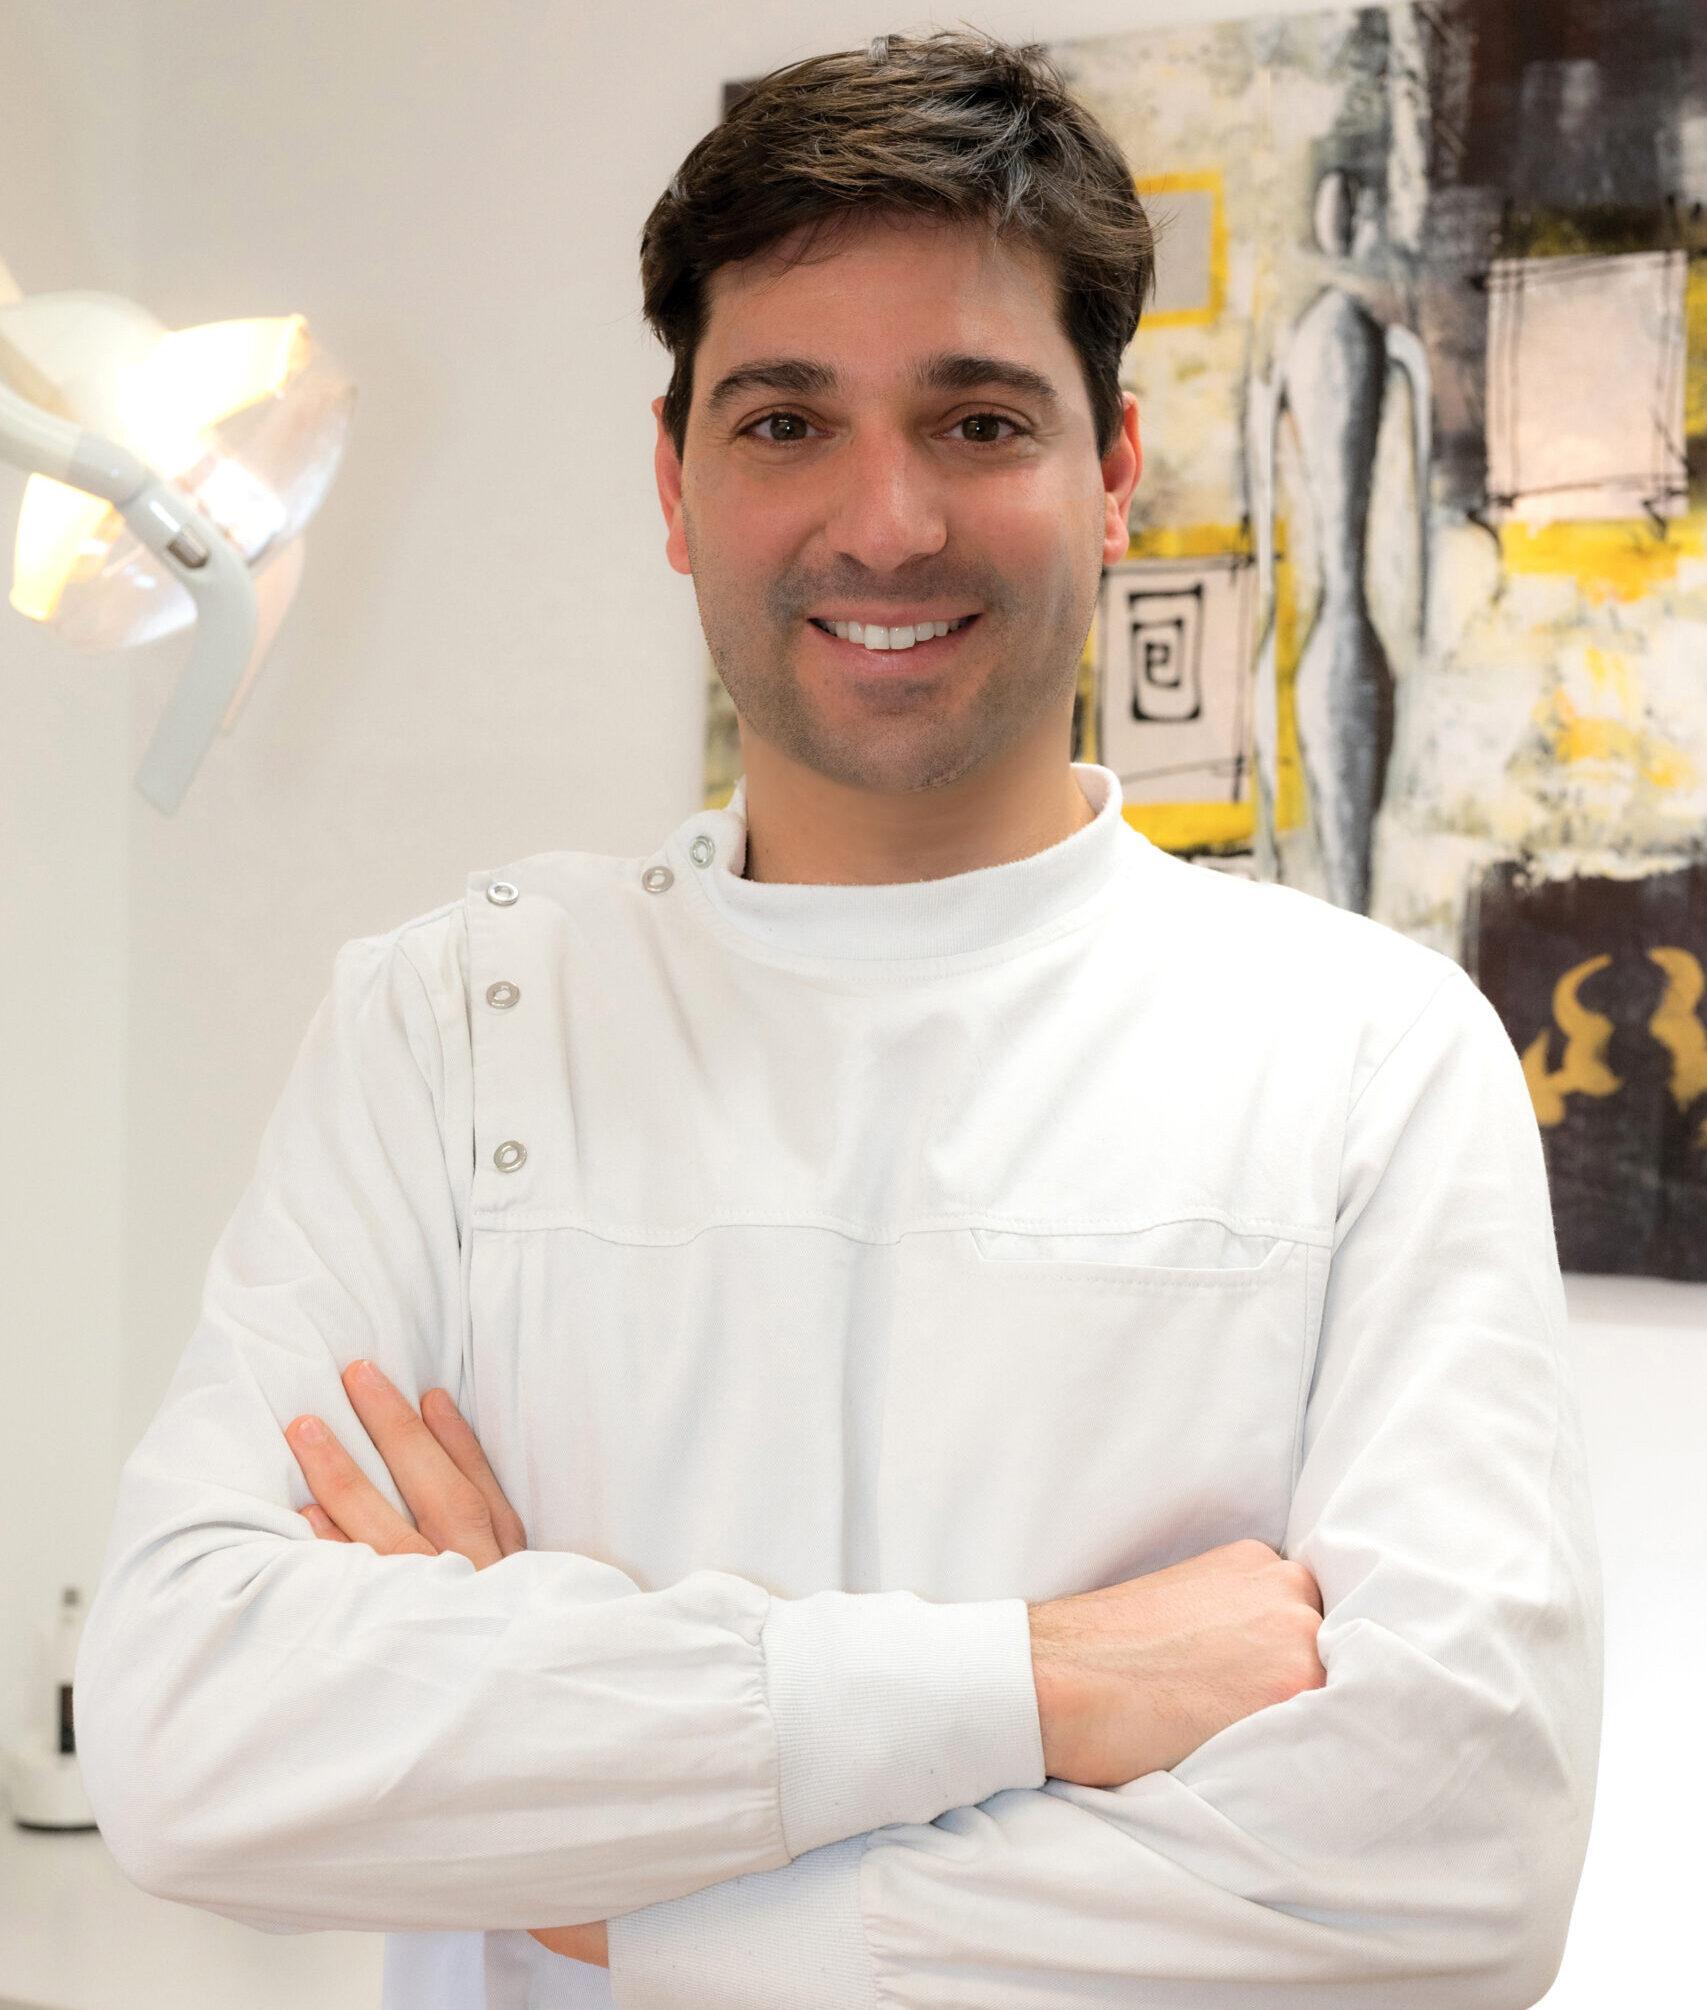 Dott. Cesare Orefice